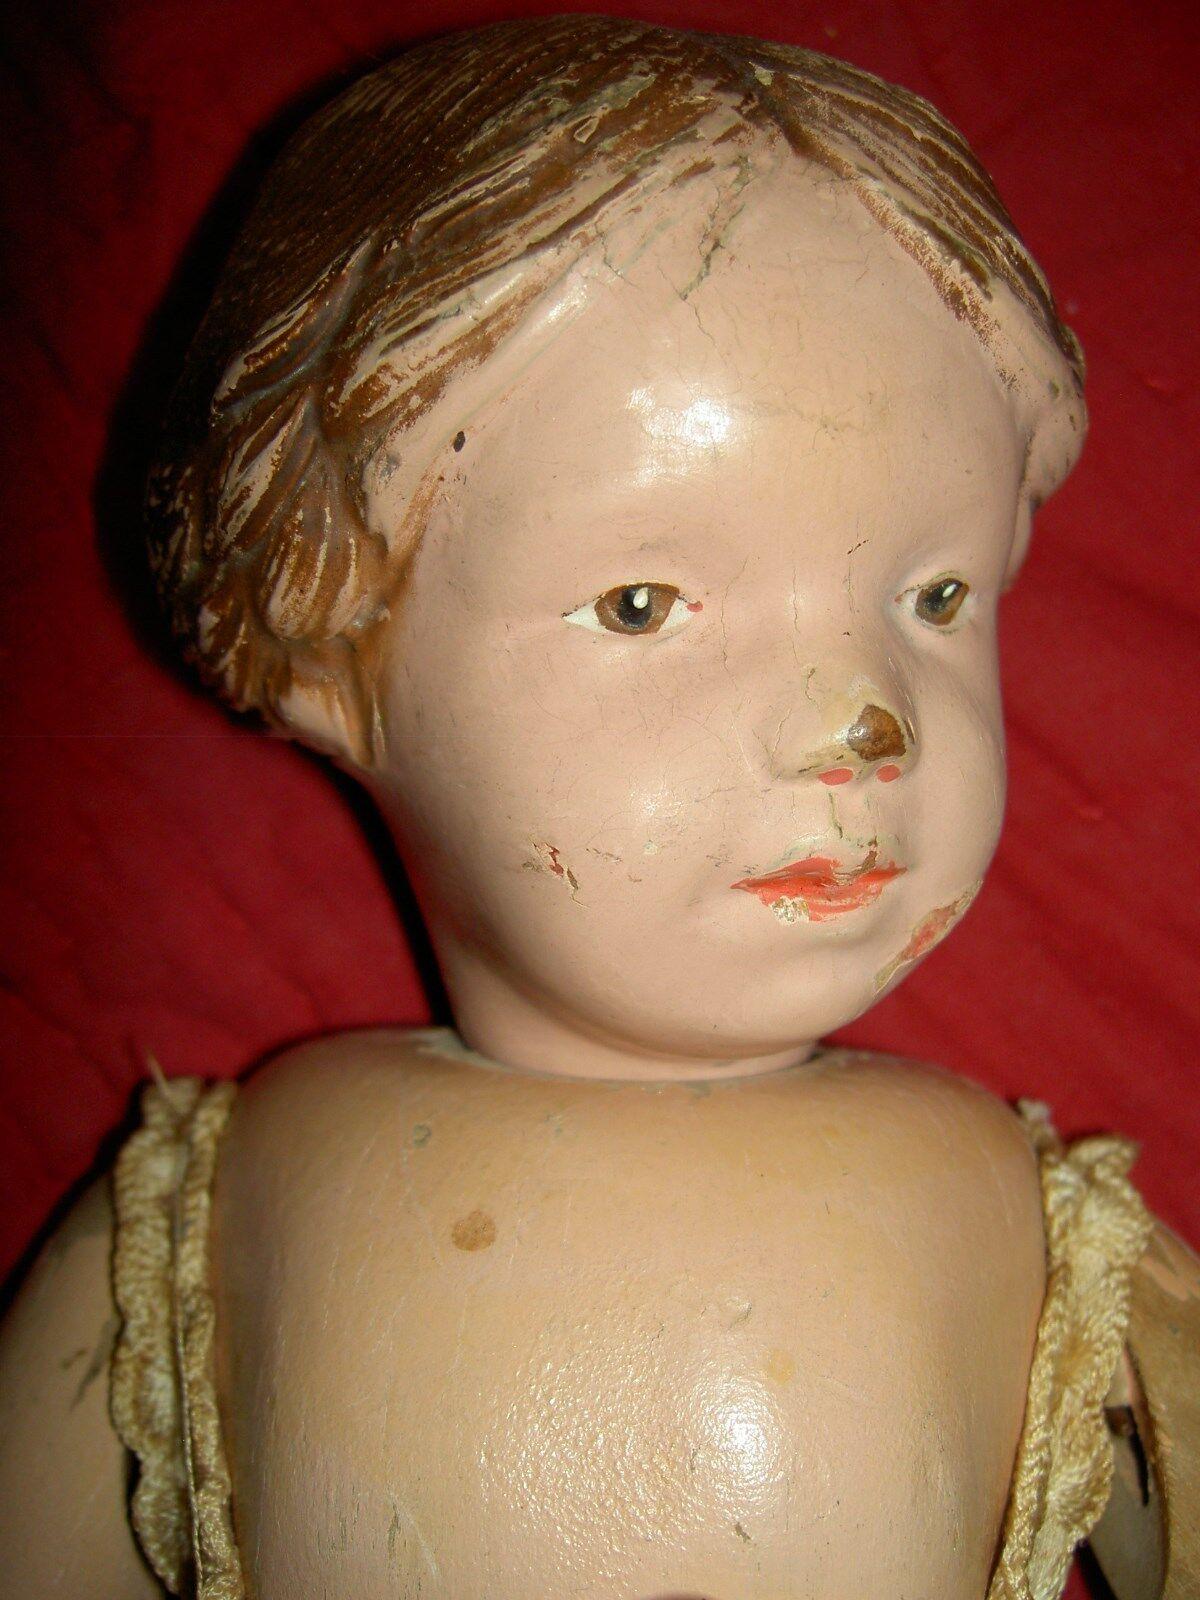 Raro, Schoenhut Articulado Madera Tallado trenzado de pelo de muñeca con arco rosadodo Modelo  102